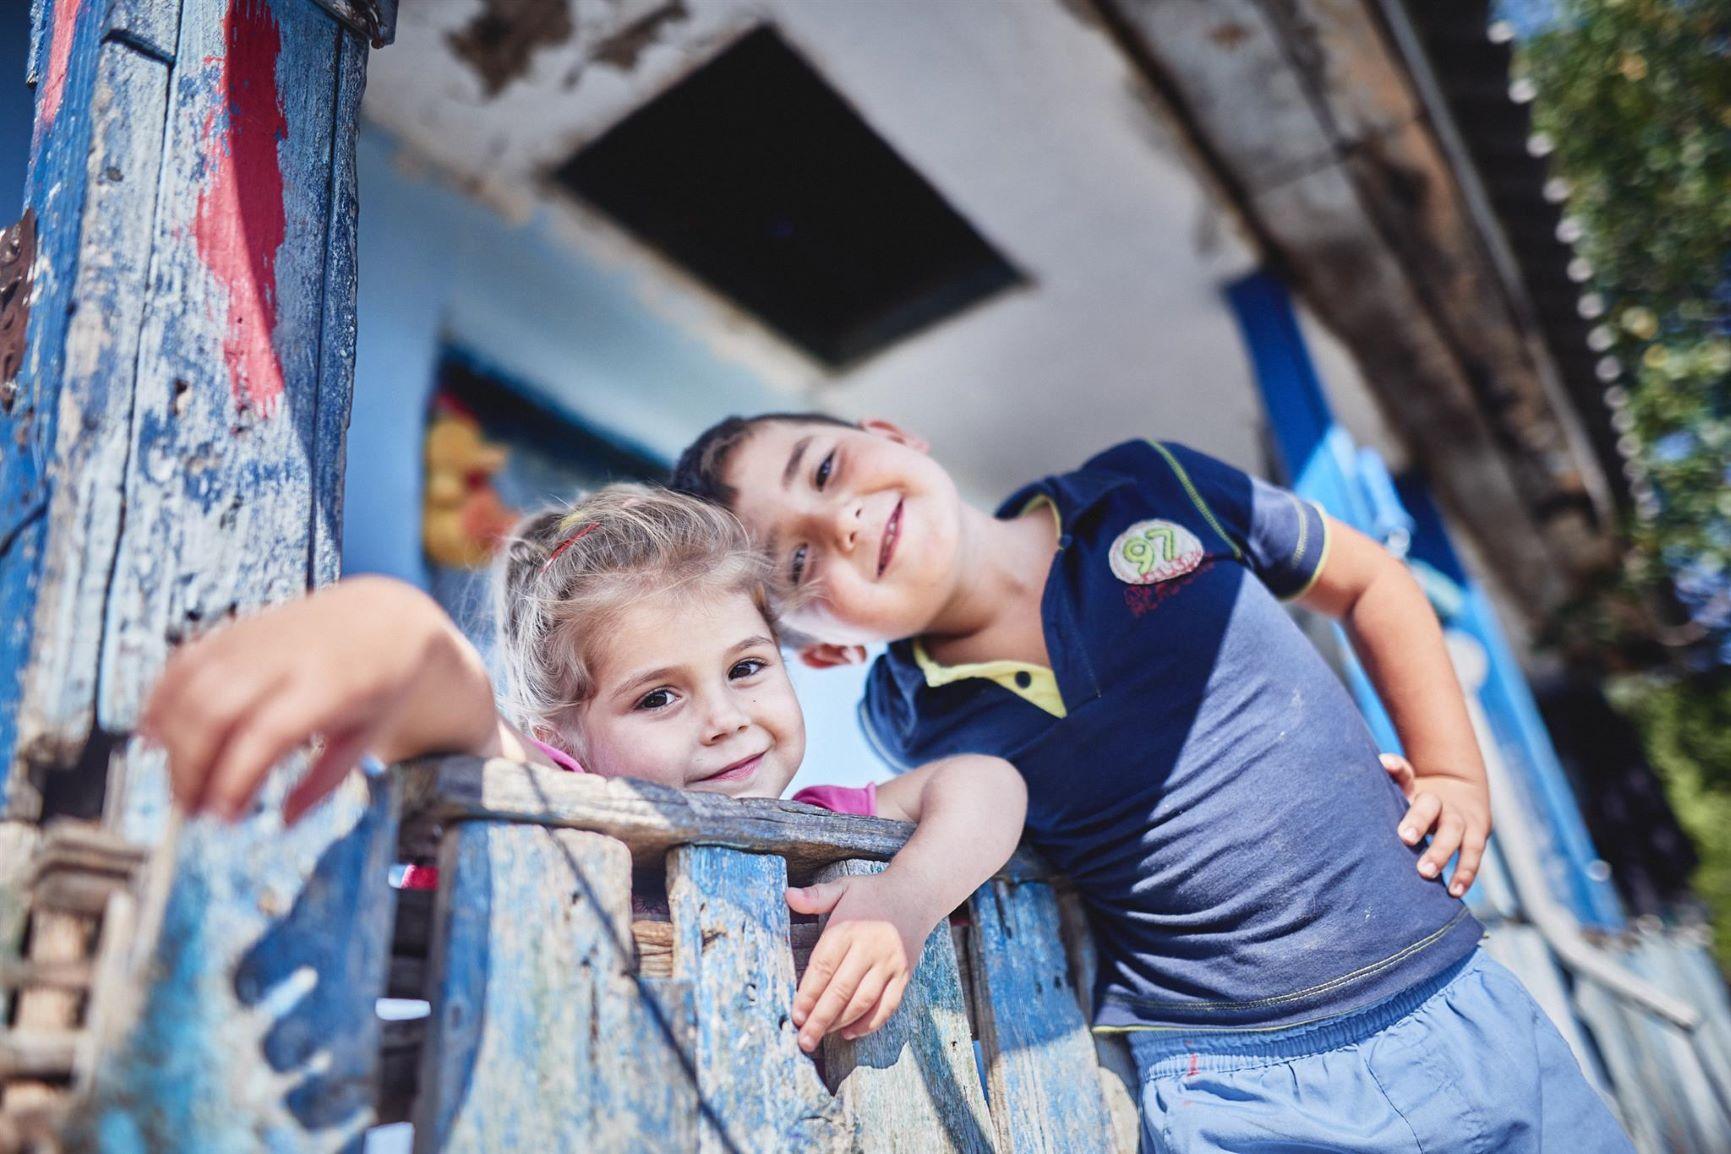 Cum poţi să ajuţi copiii vulnerabili, de Paşti - o campanie World Vision